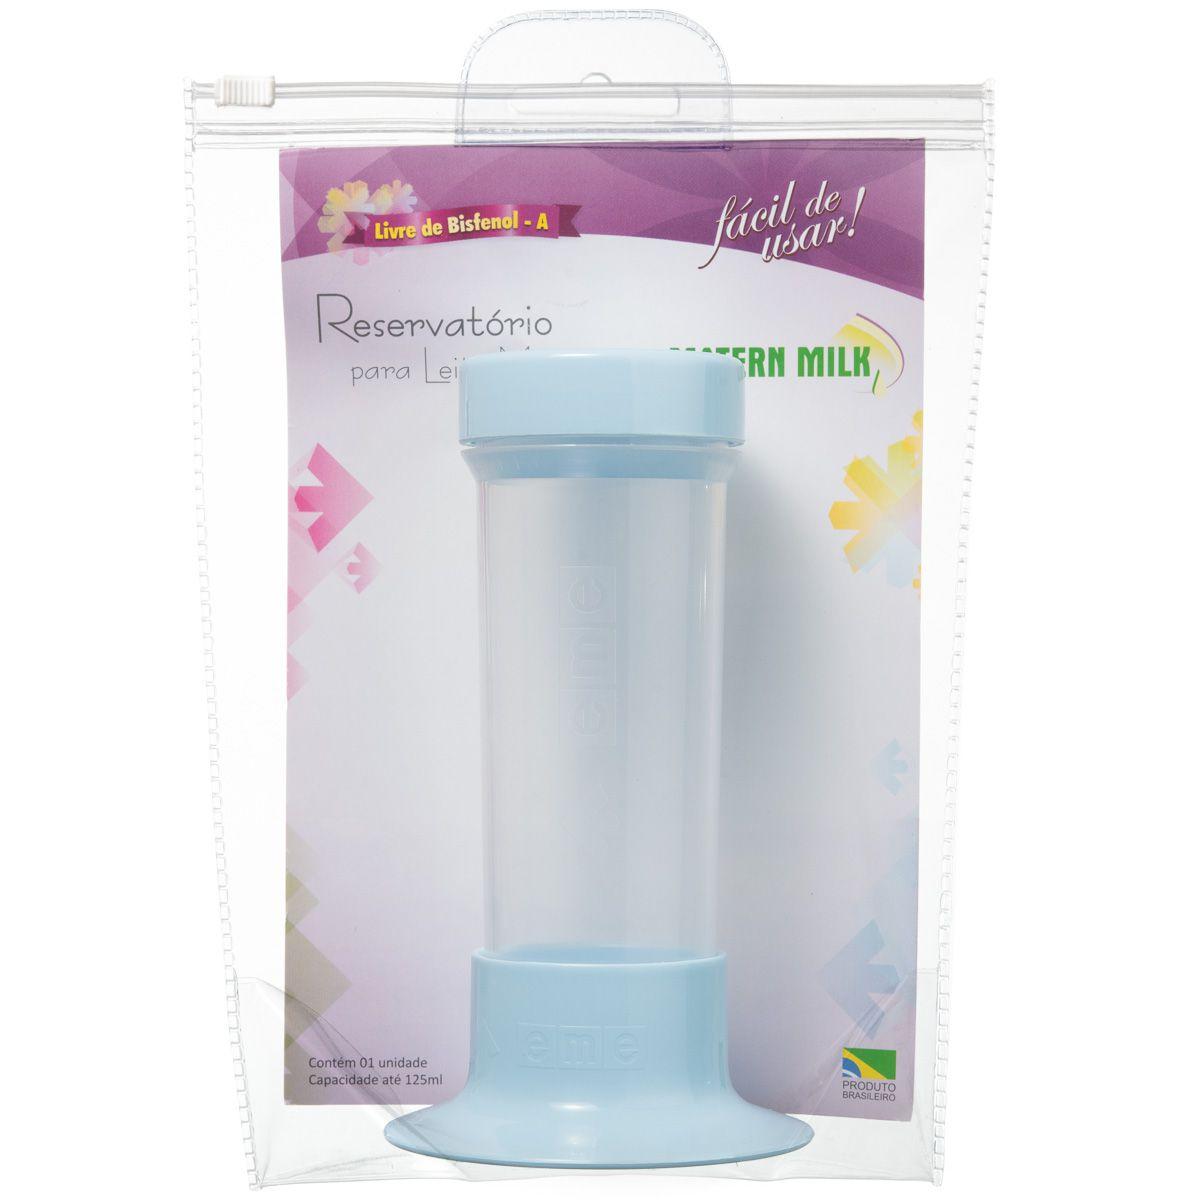 Reservatório para Leite Materno Azul 125 ml – peça avulsa do Tira Leite Matern Milk